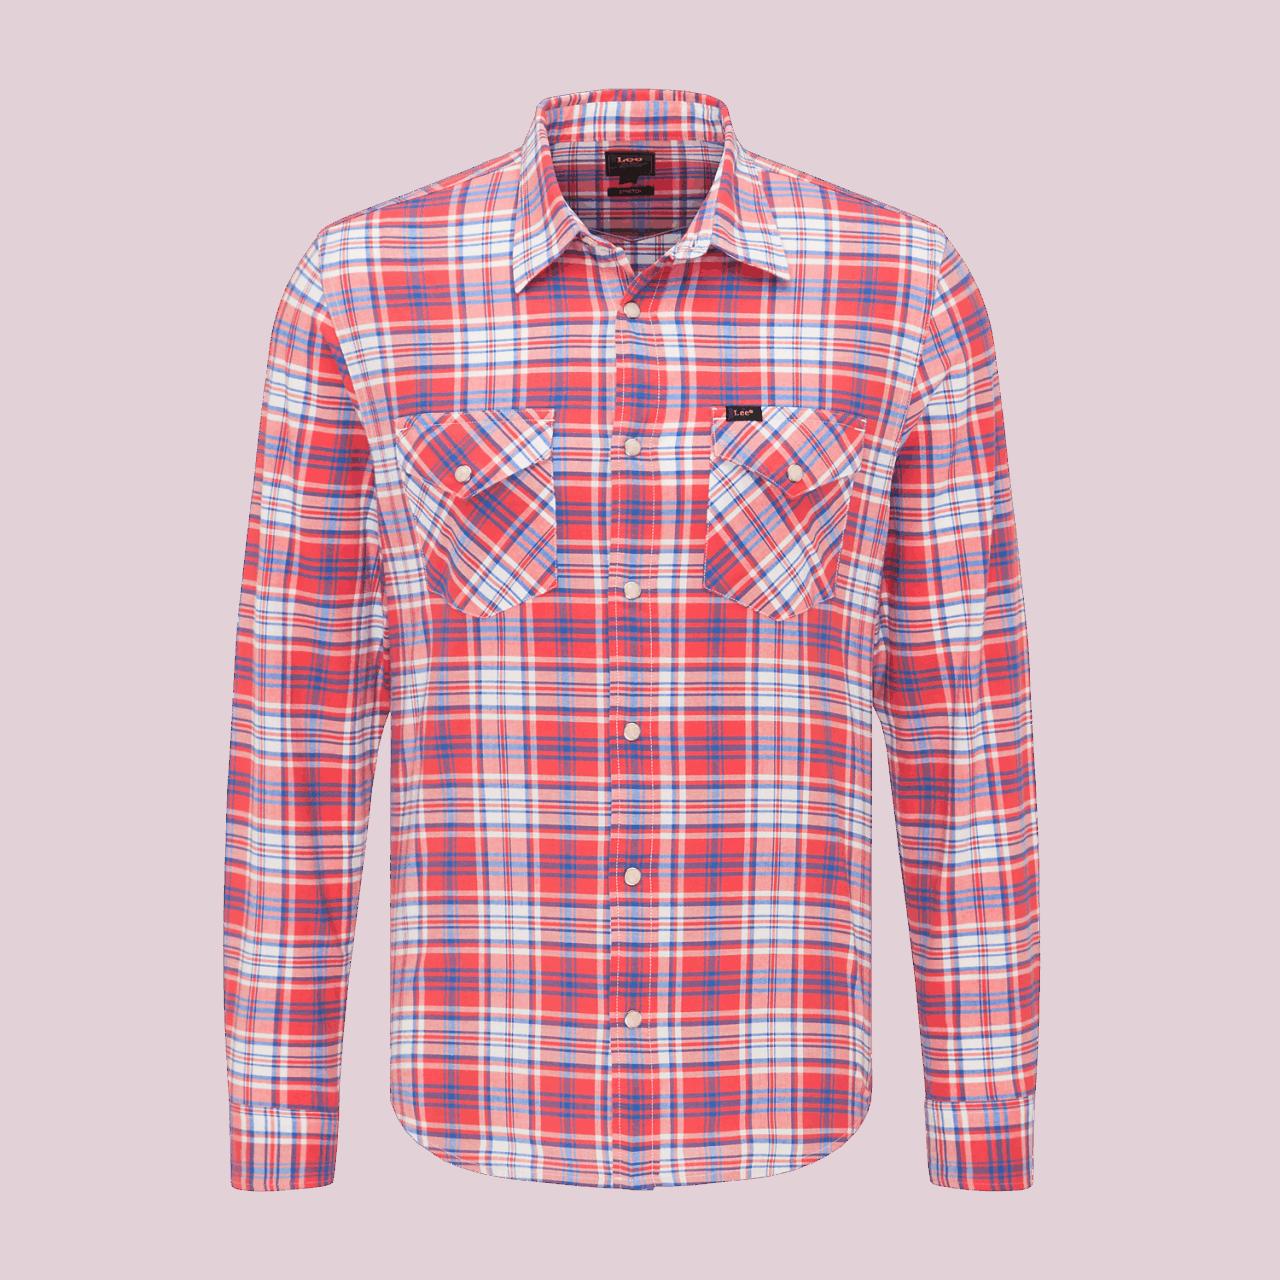 LEE Clean Western Shirt - Aurora red